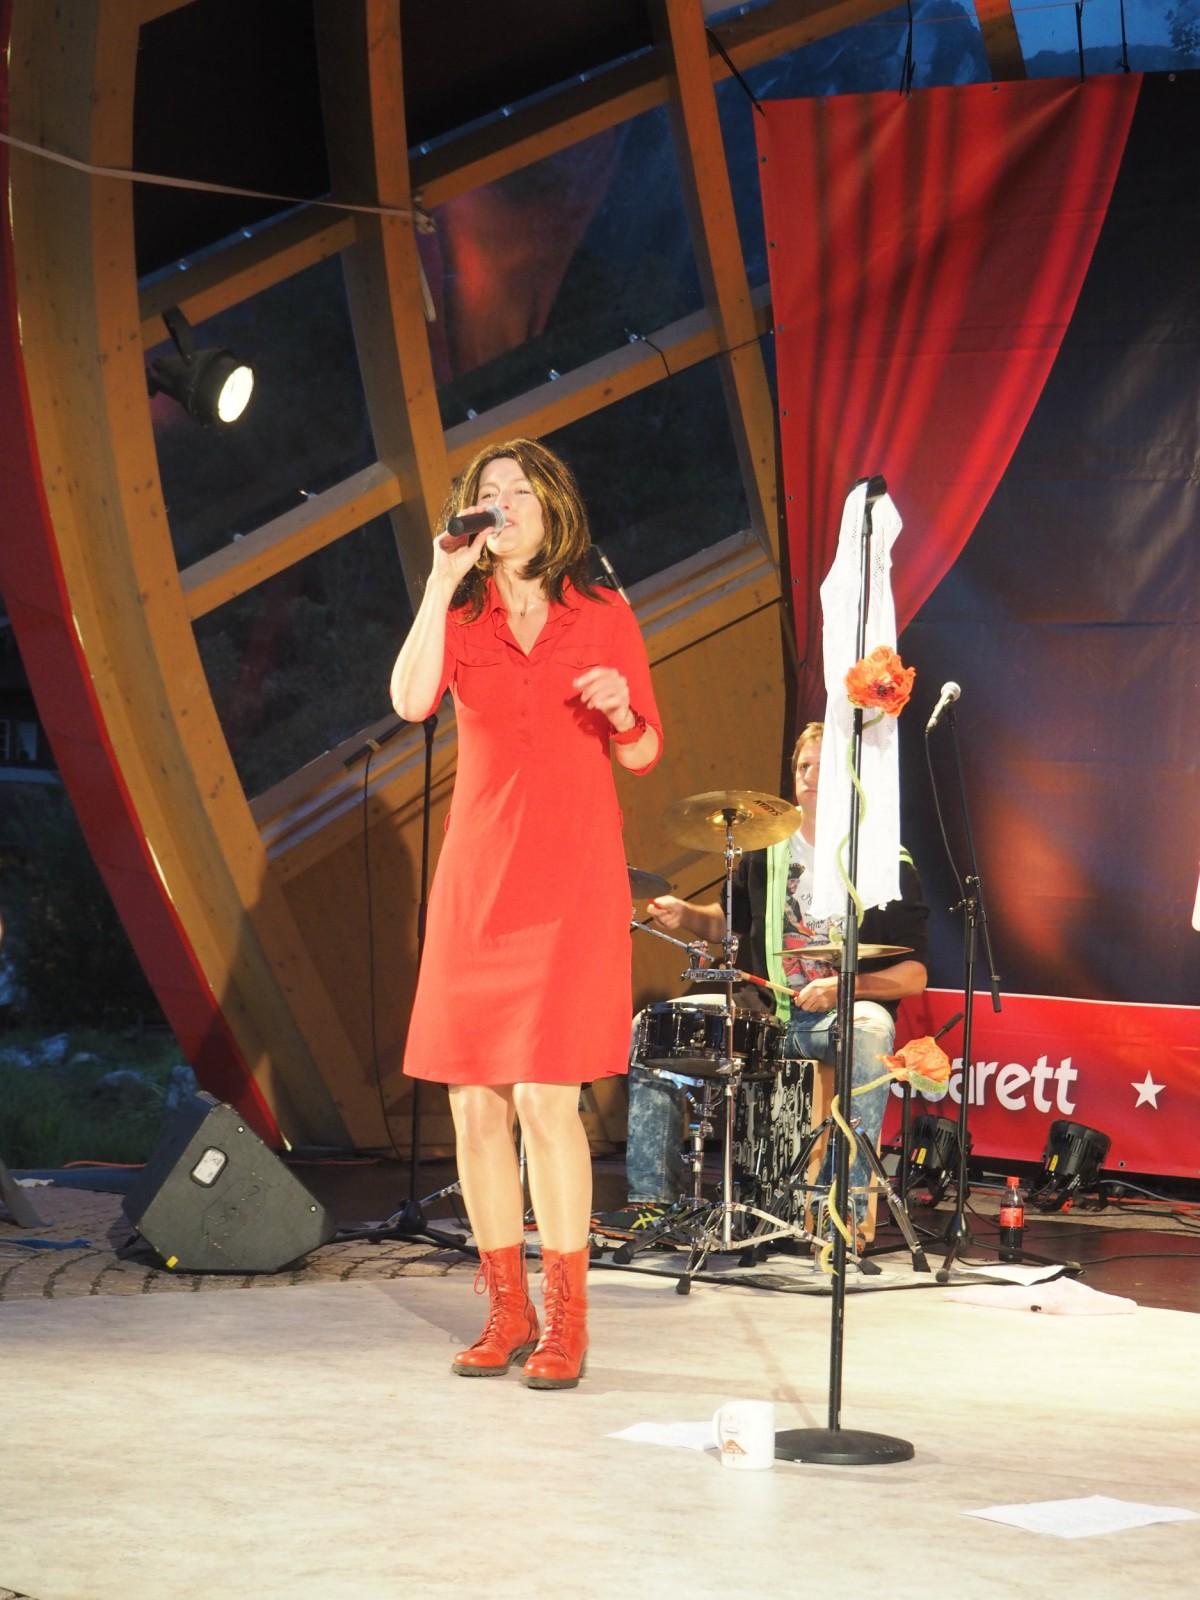 Andrea Piechotta